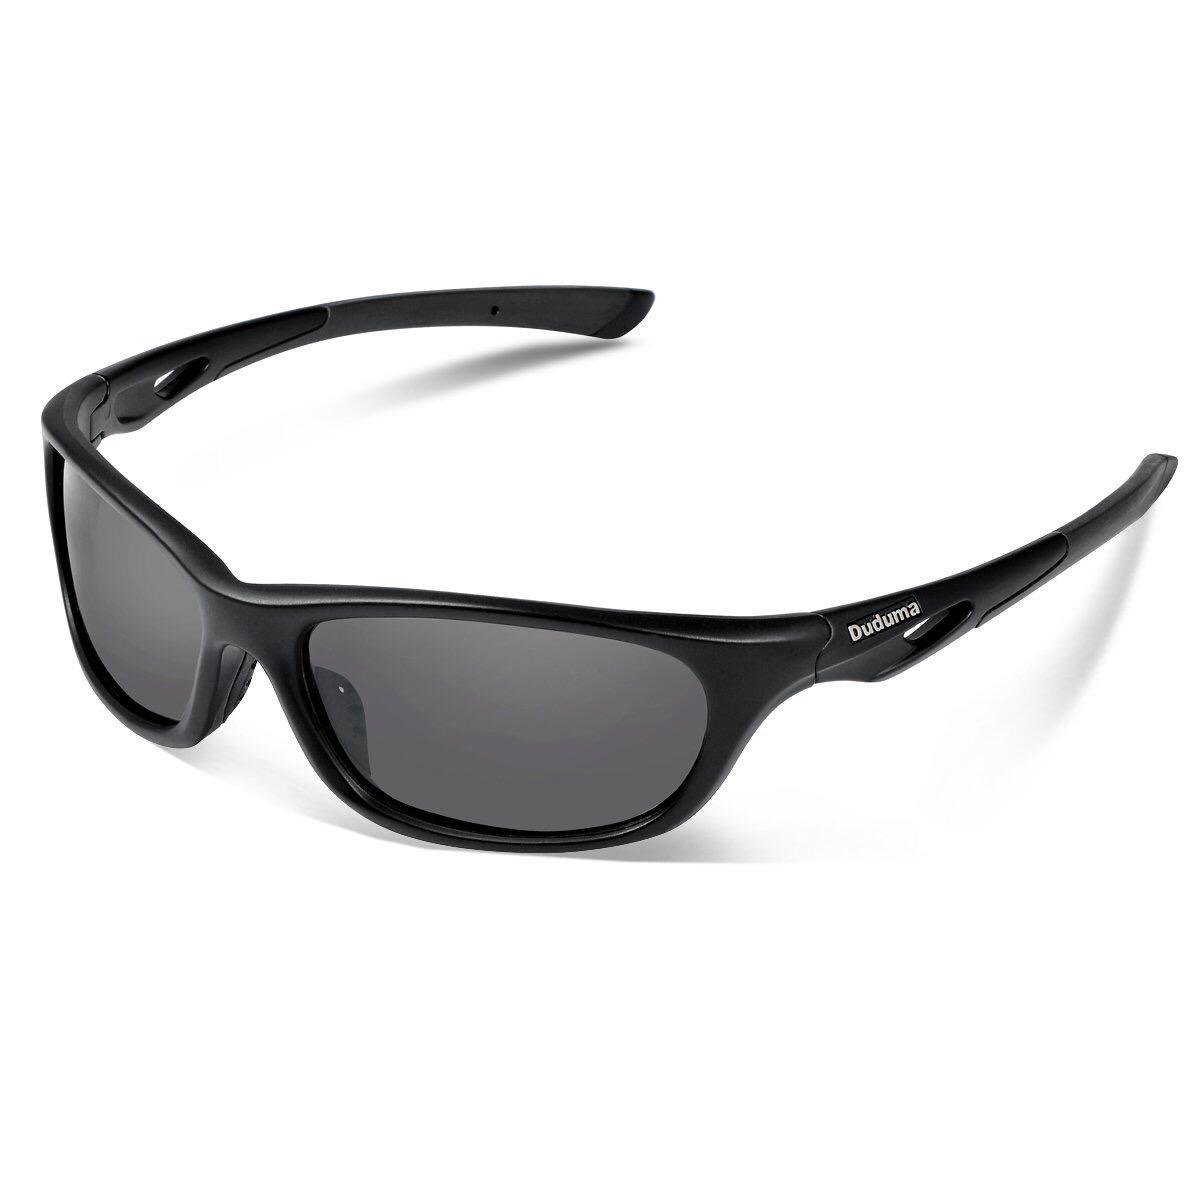 45% off unisex polarized sports sunglasses 10.99ac amazon